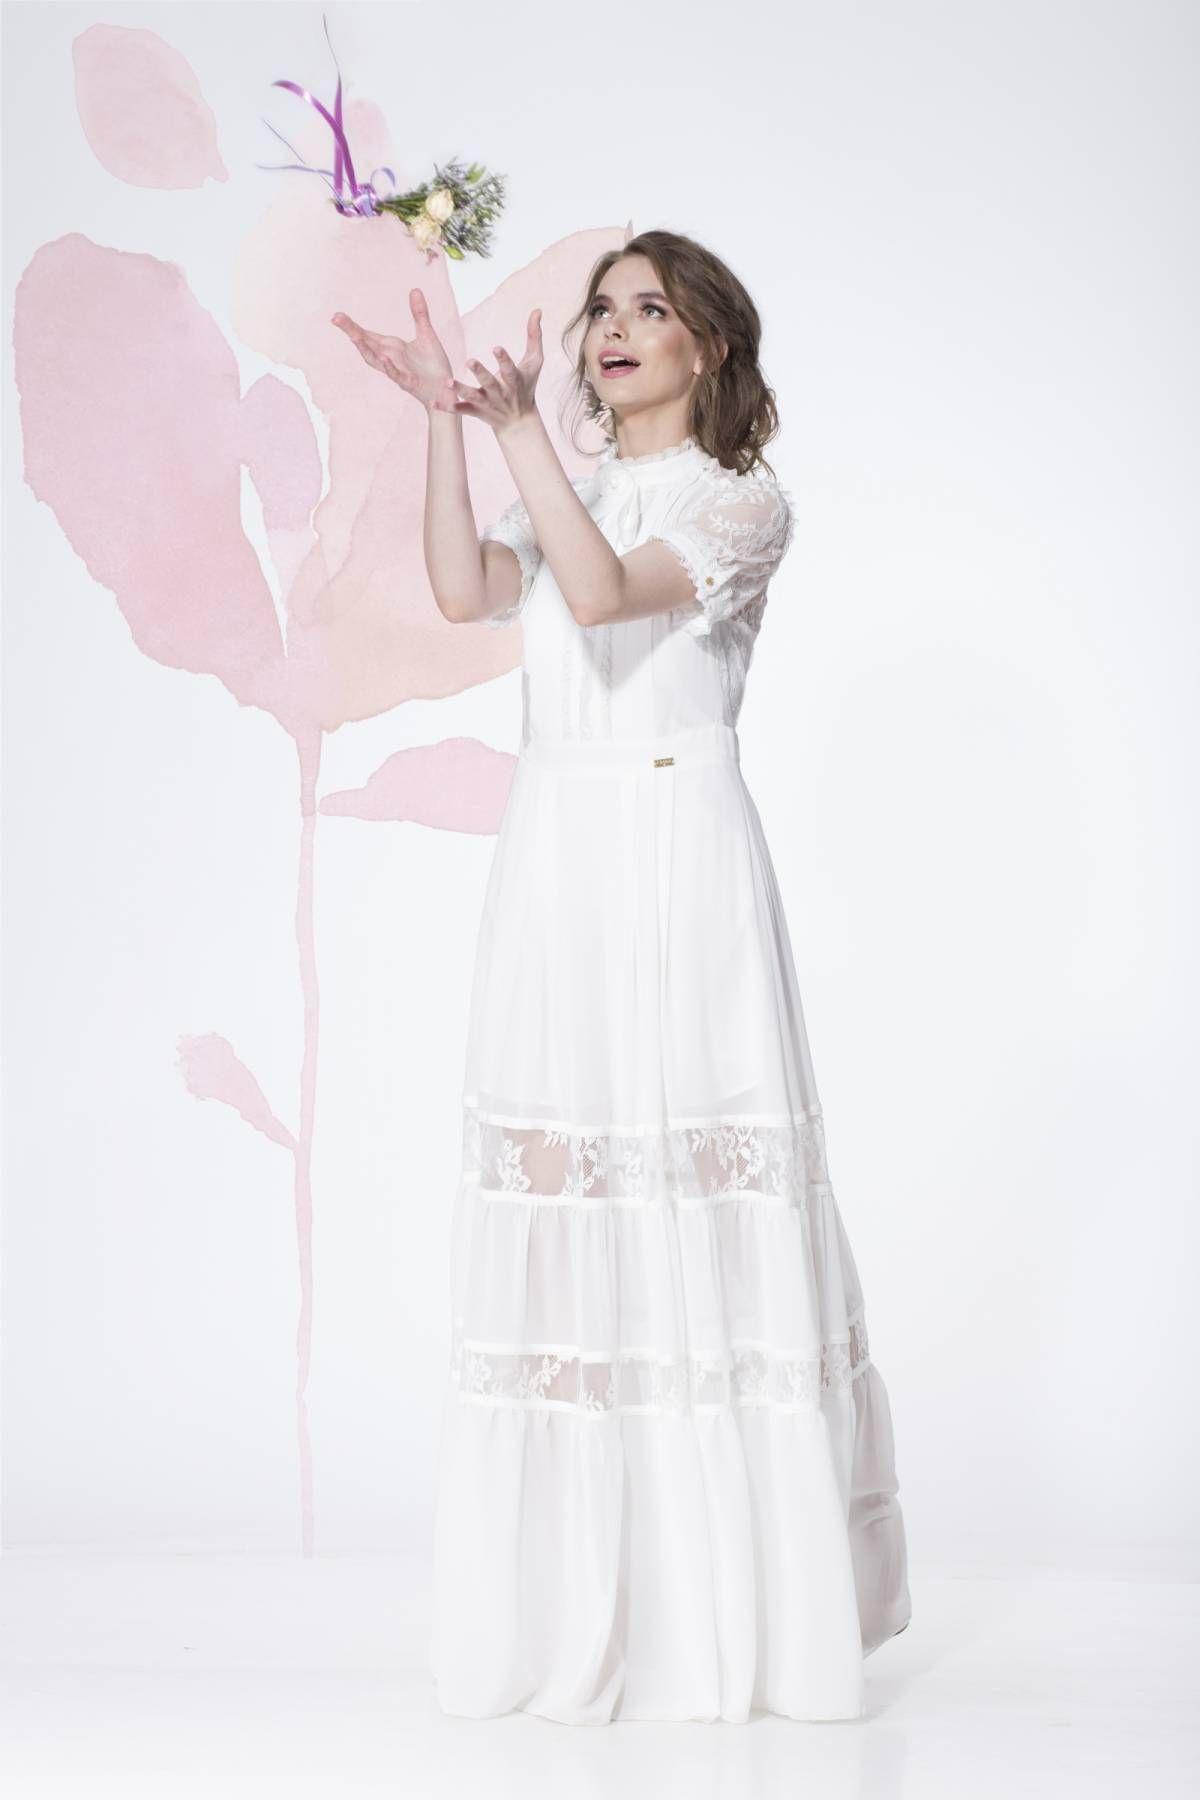 ce44d9c099acae1 Белое платье купить, белые платья в Астане, Алматы. eModa интернет-магазин  одежды в Казахстане